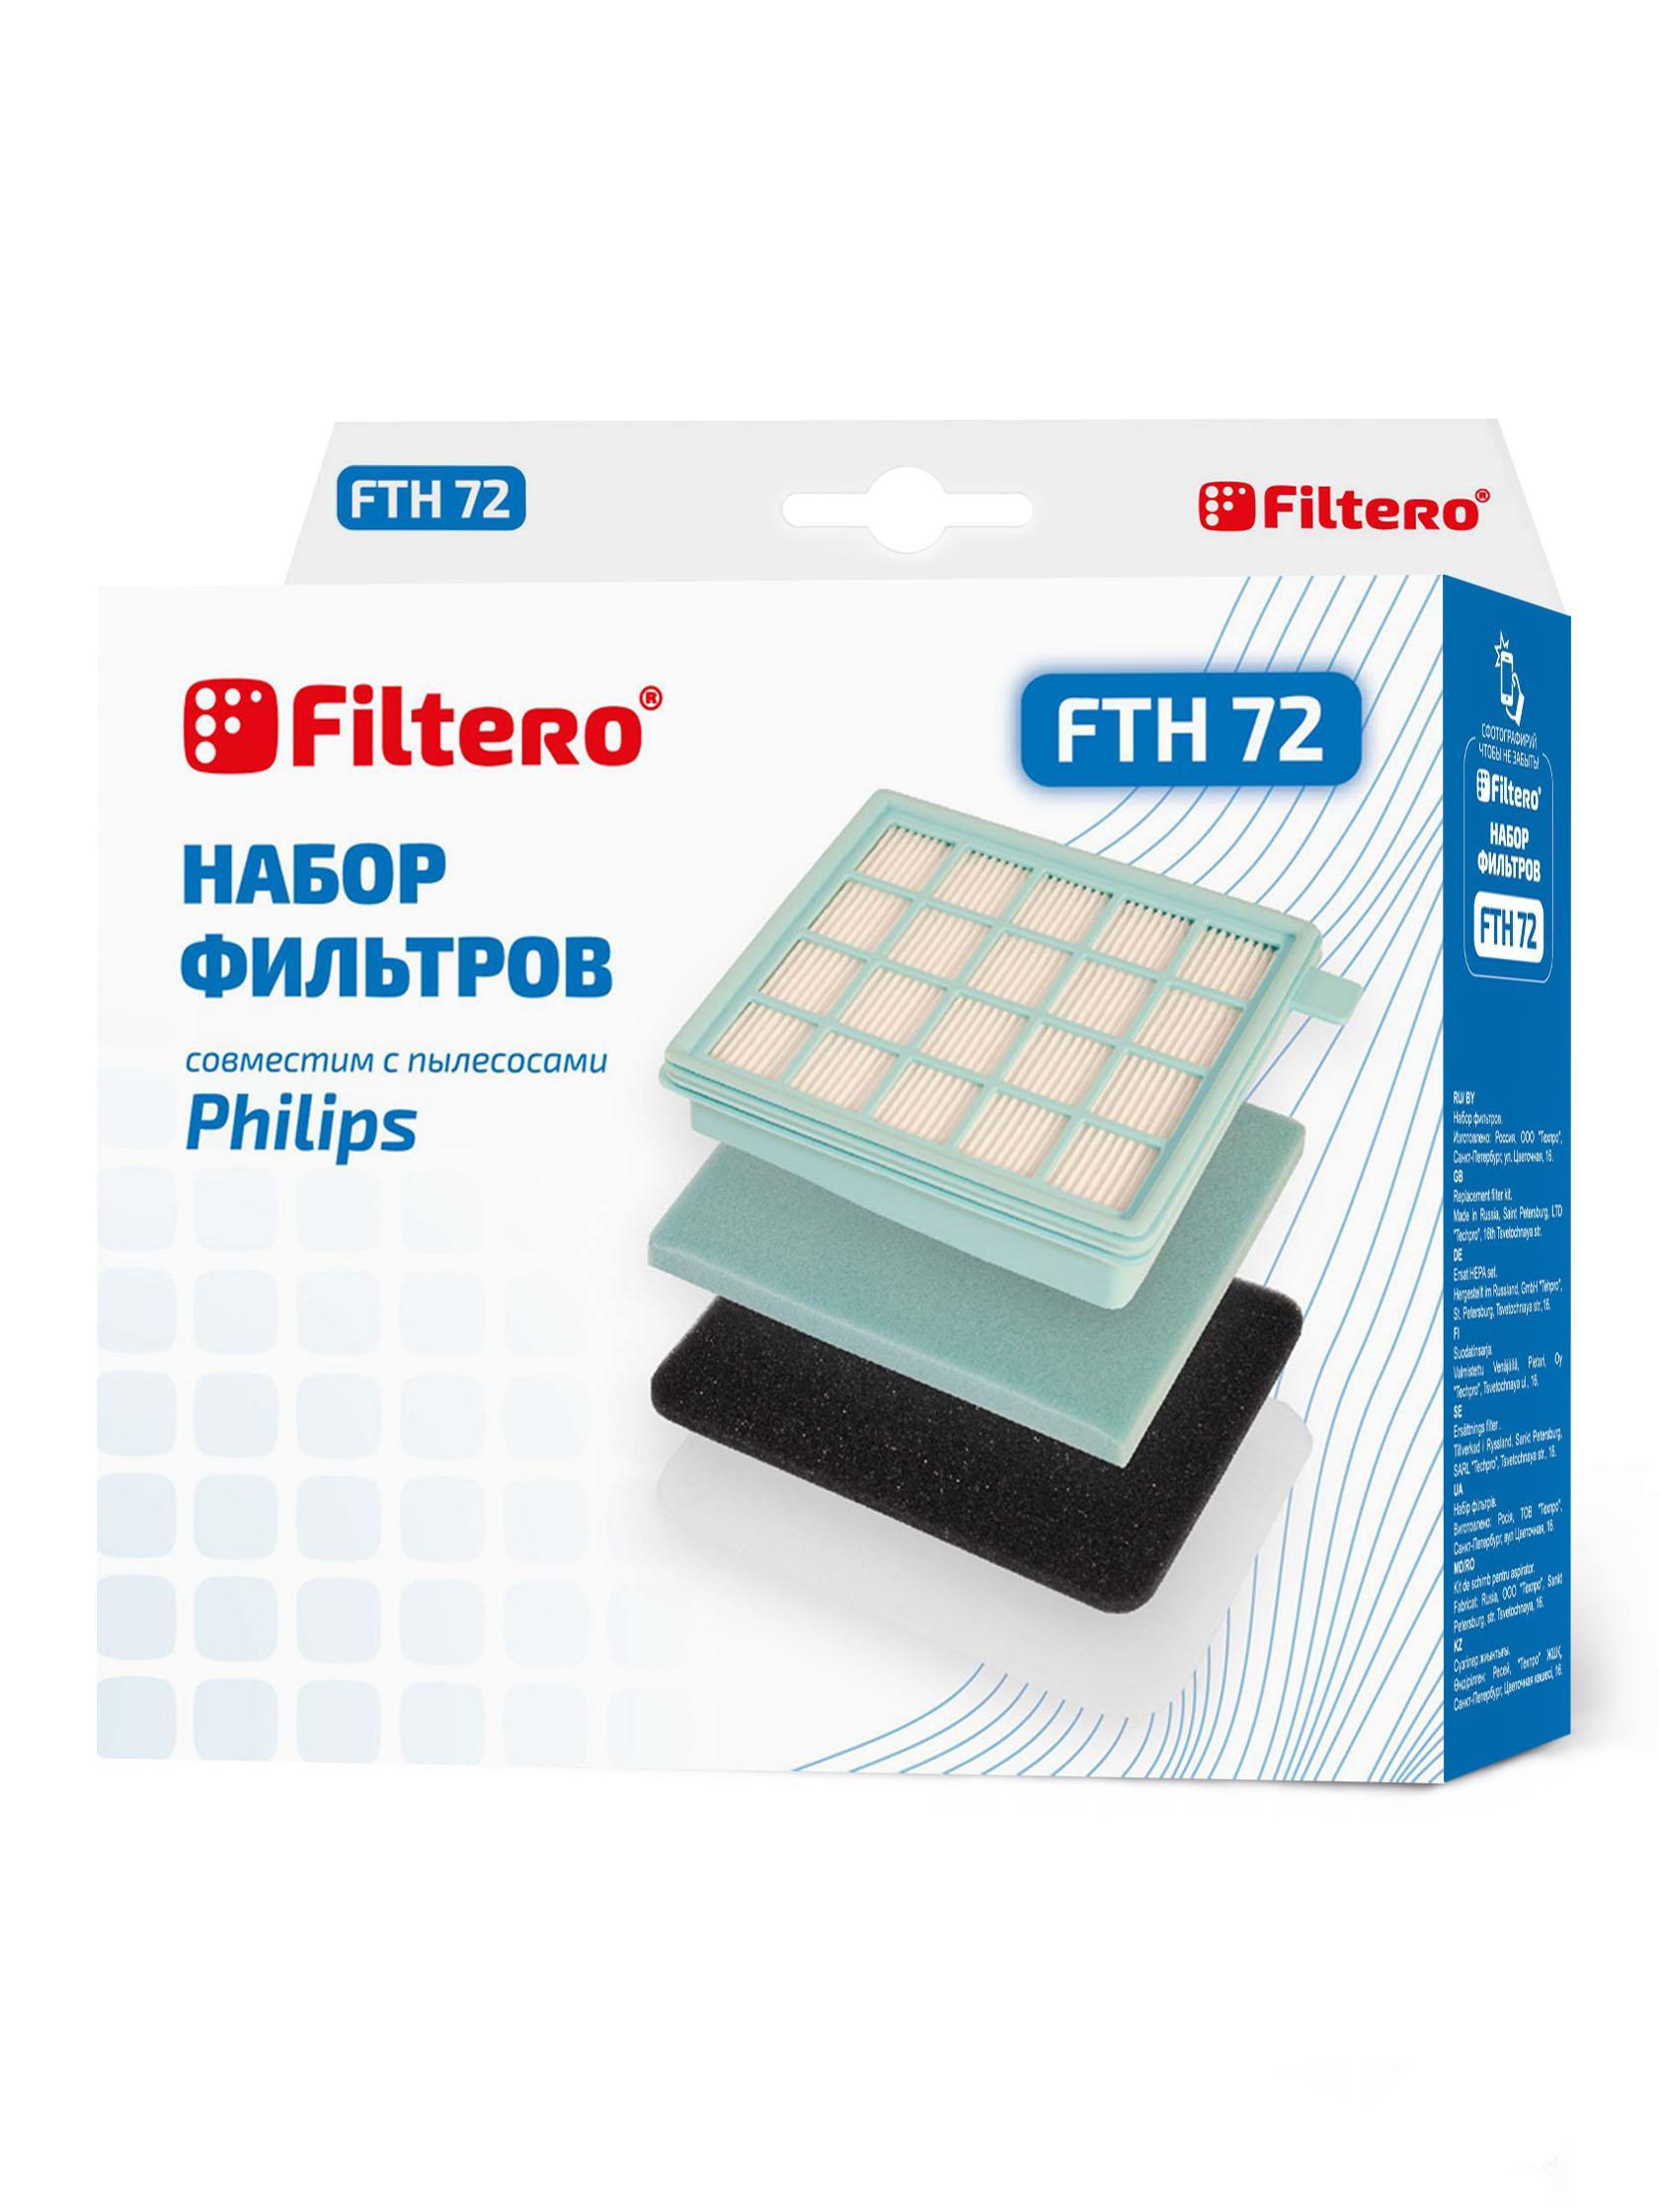 Фильтр Filtero Fth 72 phi инфракрасный фильтр infrared 72